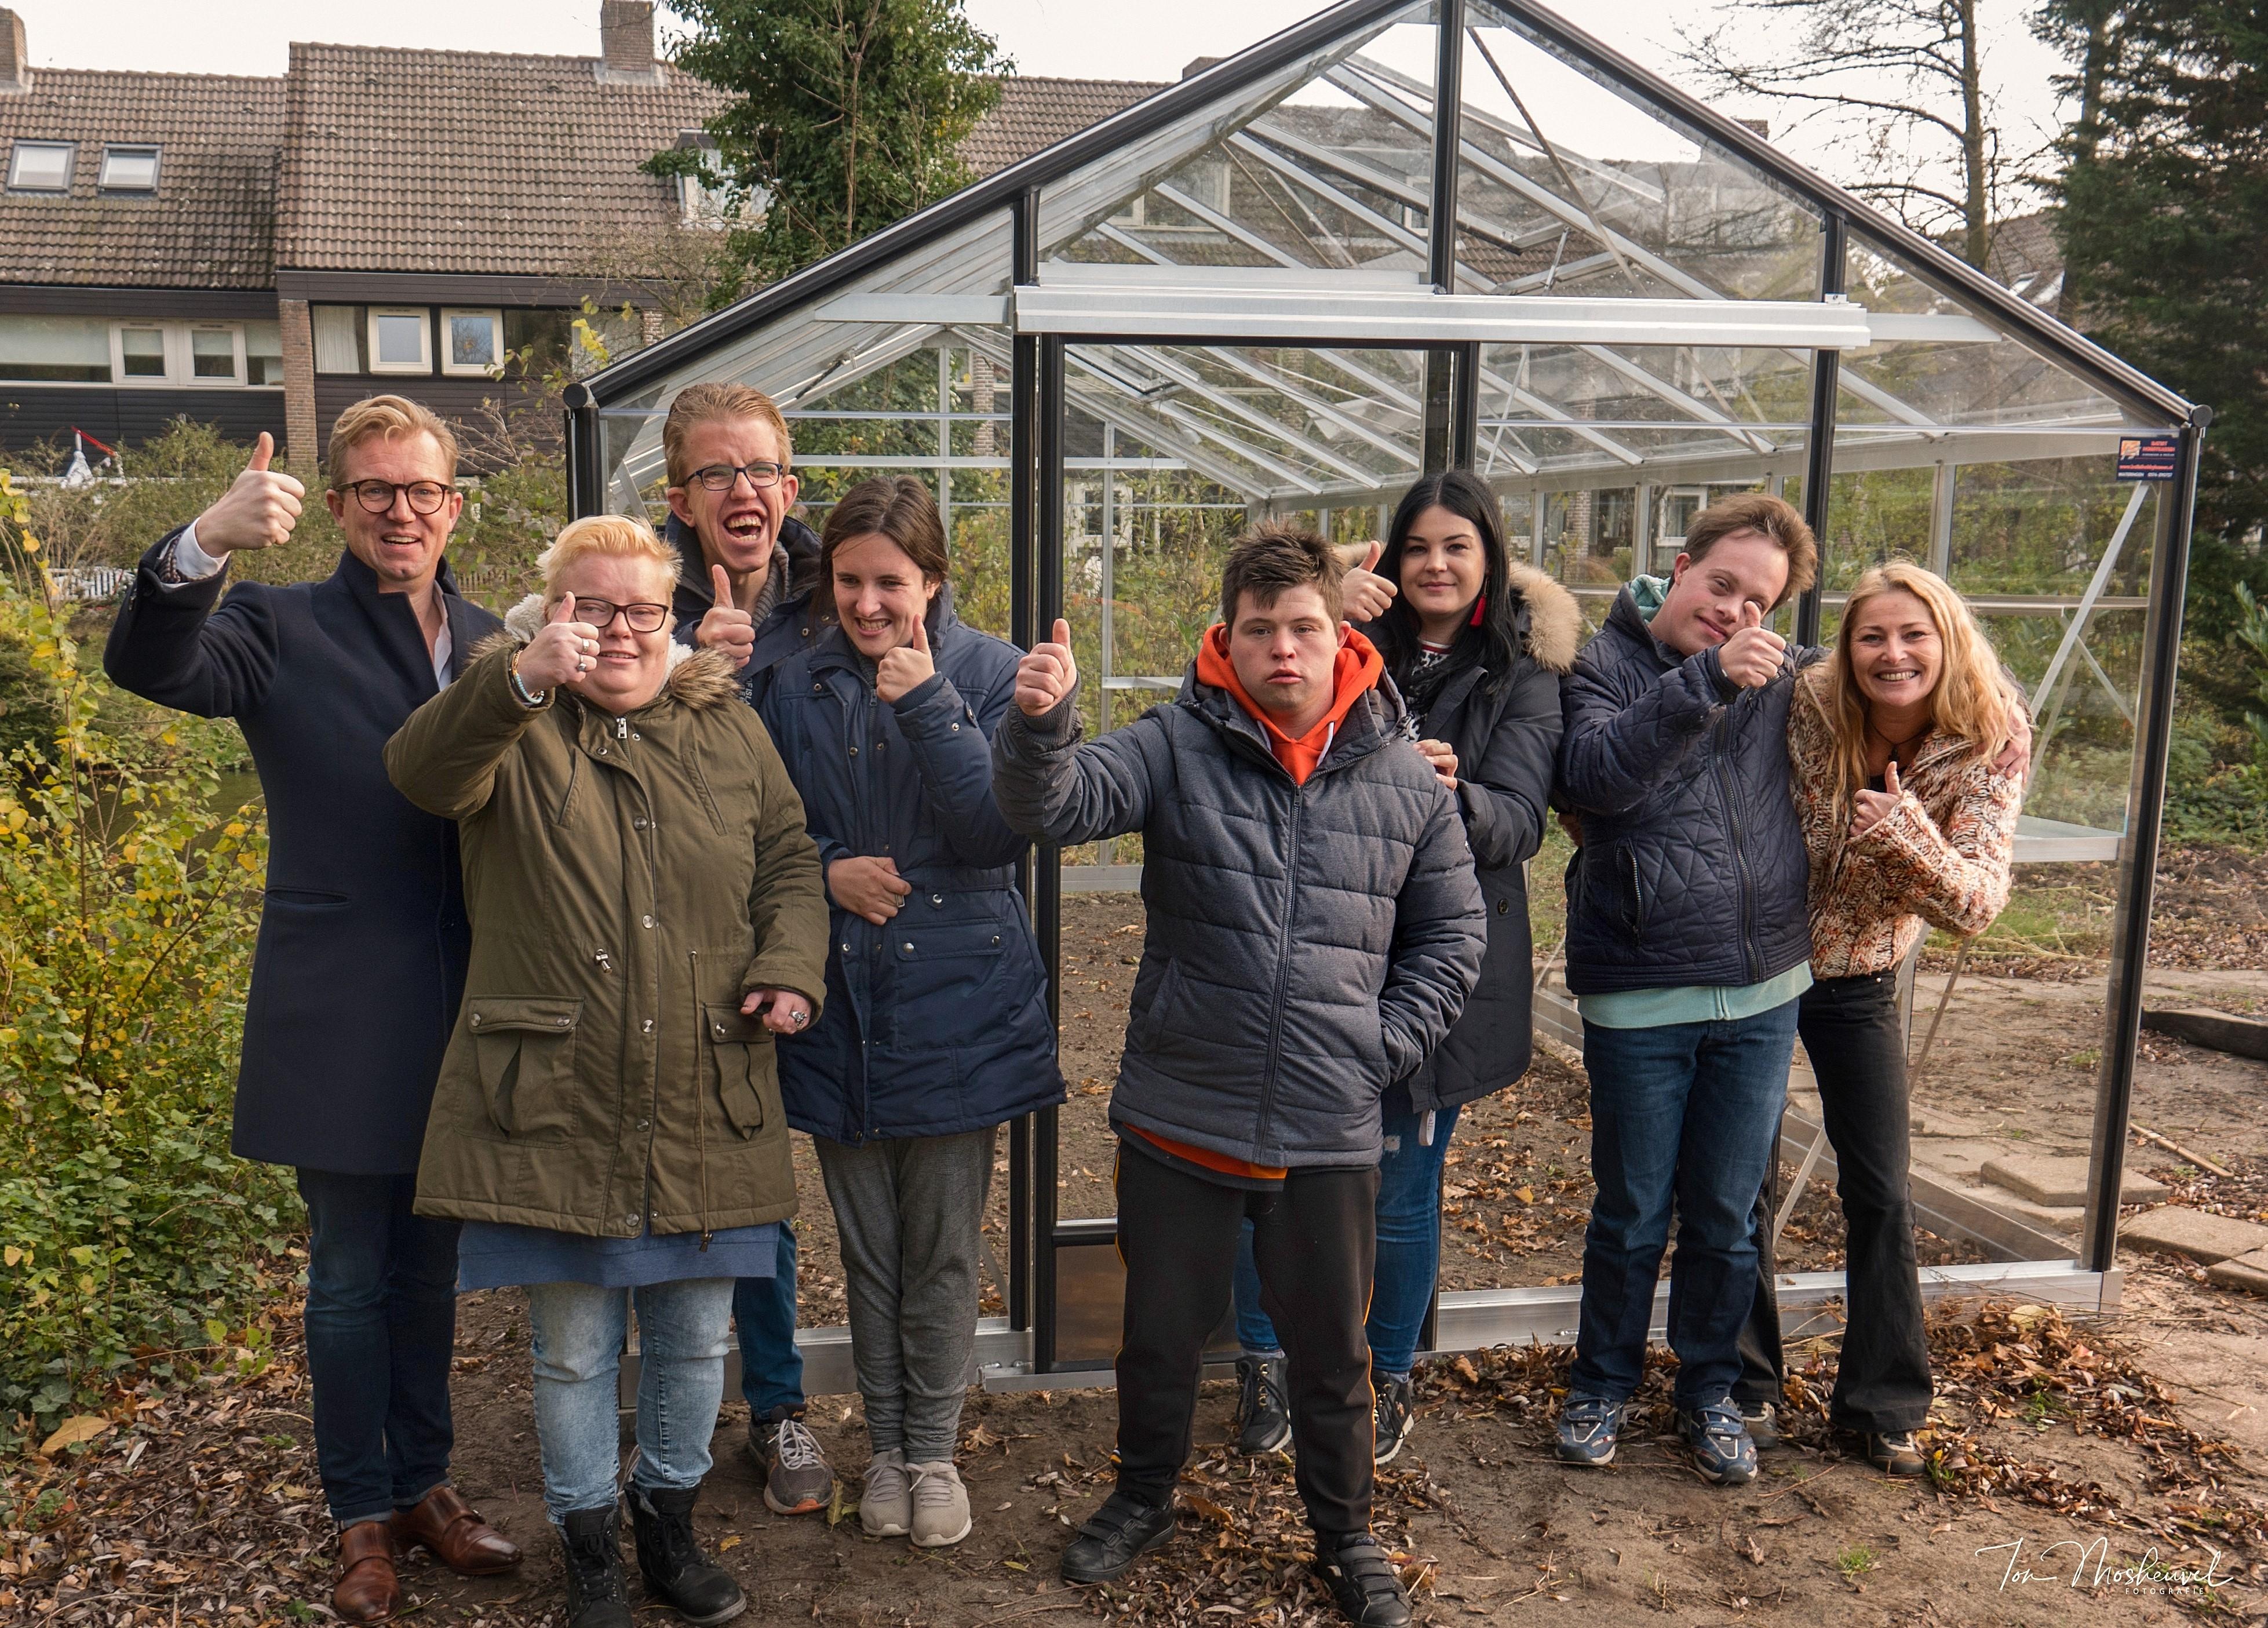 Lichtjesavond Alkmaar doneert tuinkas aan het Rekerhuis. (Foto: Ton Mosheuvel).